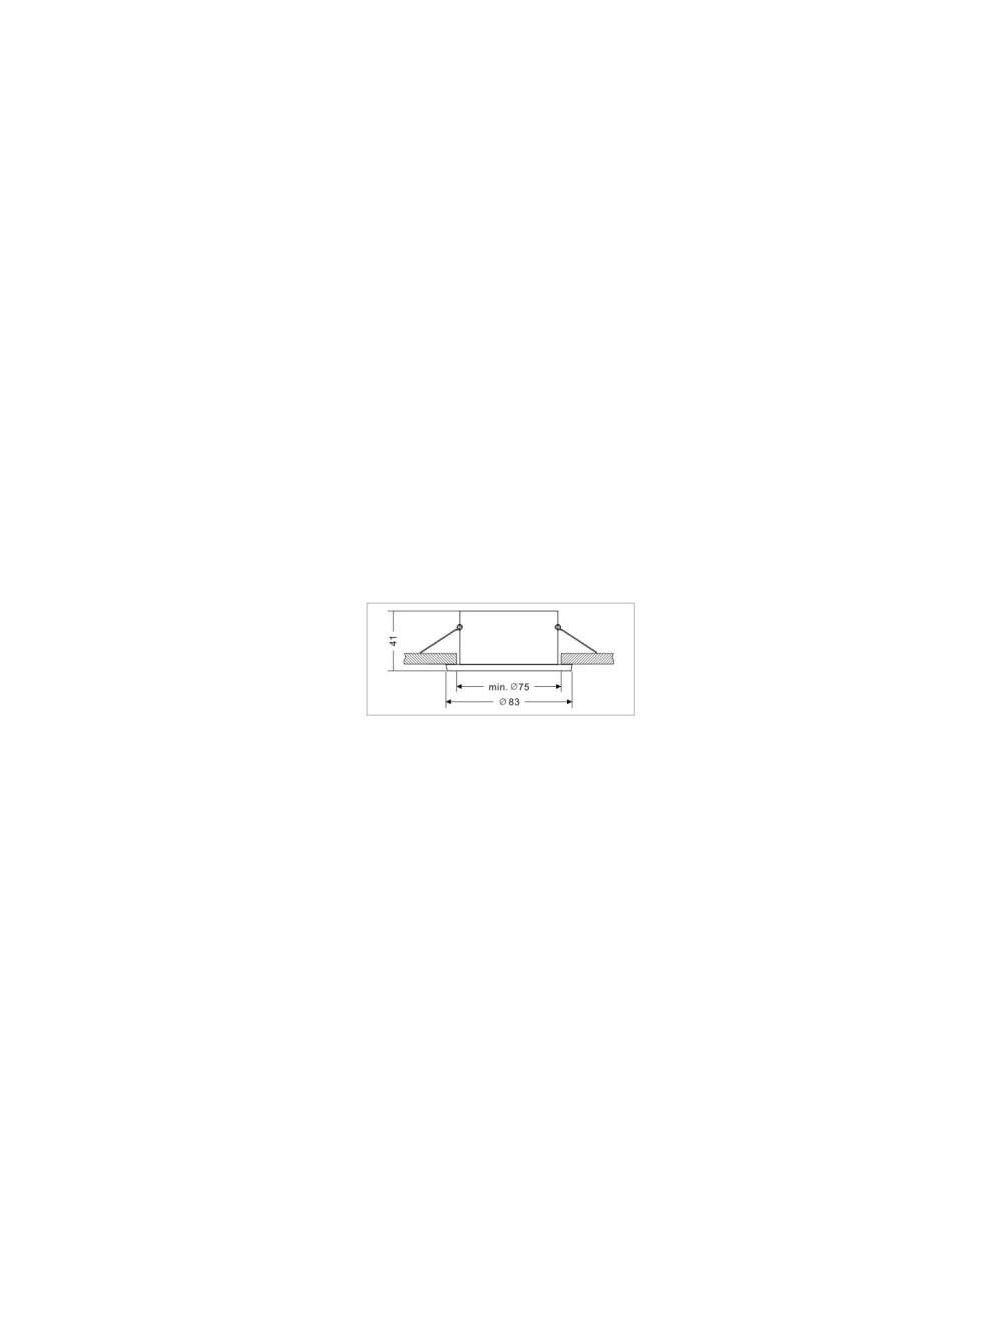 FIXATION SPOT SALLE DE BAIN ETANCHE NICKEL SATINE POUR AMPOULE GU5.3 12V HALOGENE OU LED IP65